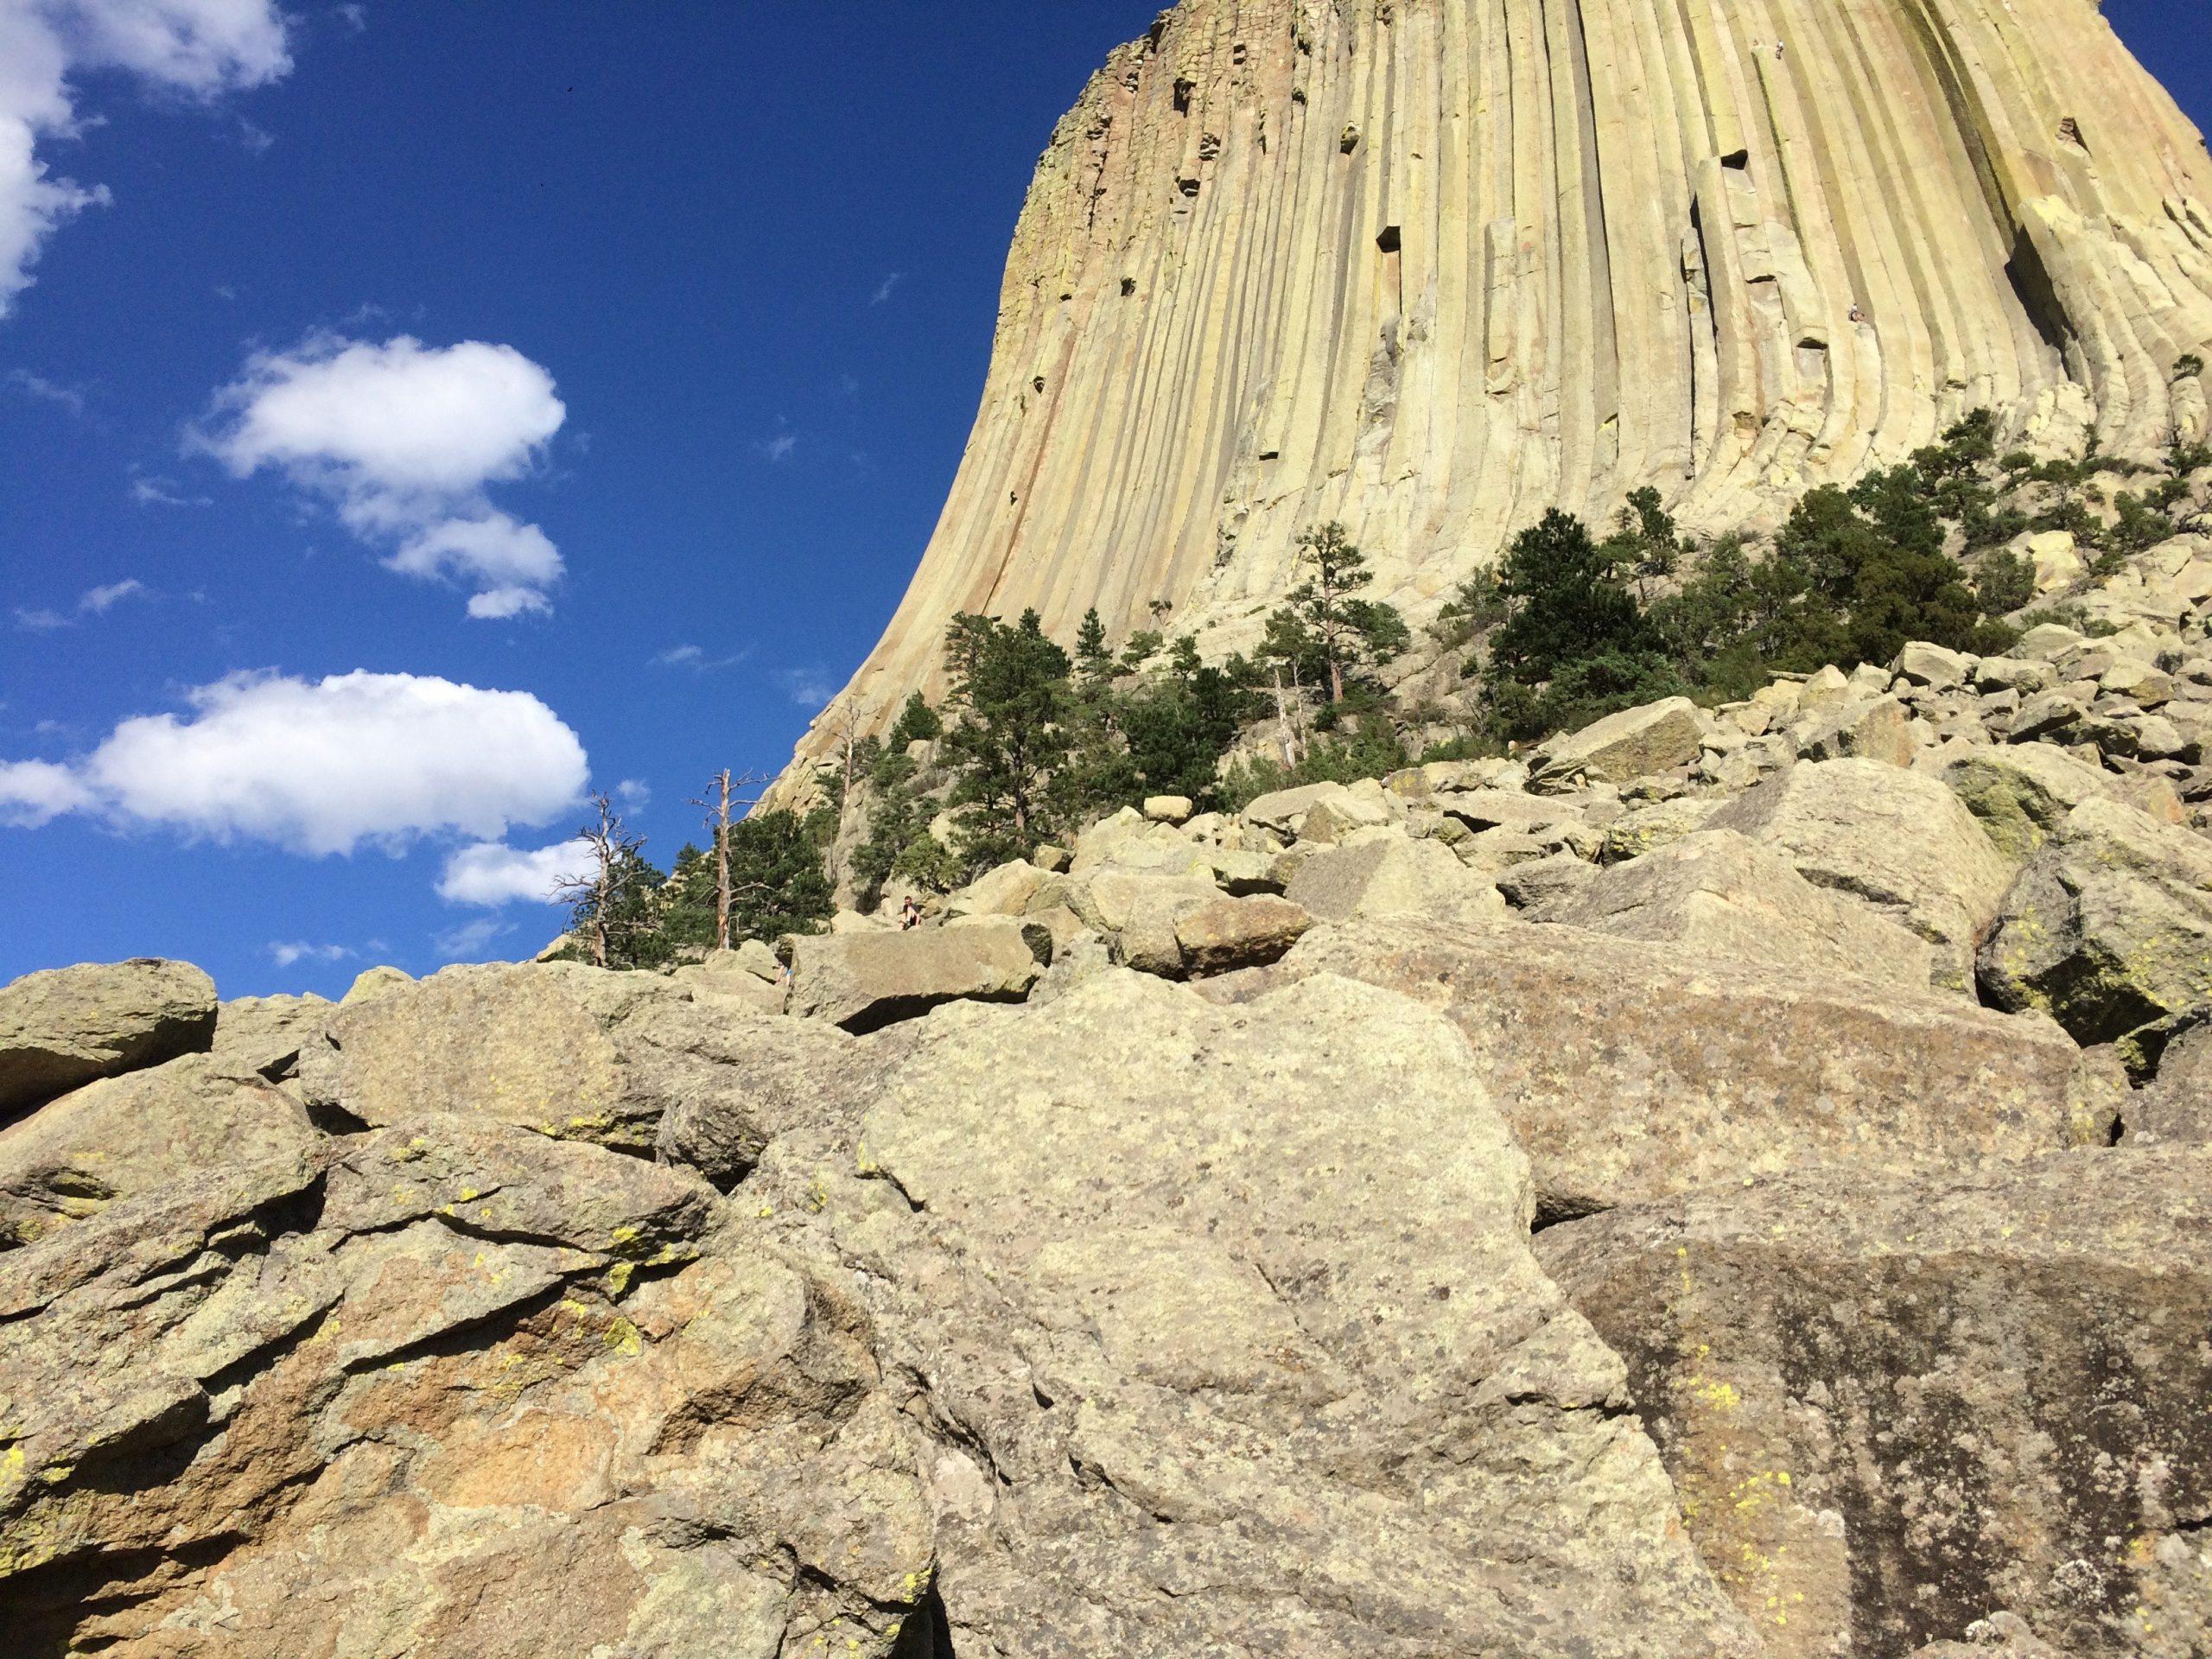 Tháp Quỷ 50 triệu năm tuổi - danh thắng hàng đầu nước Mỹ